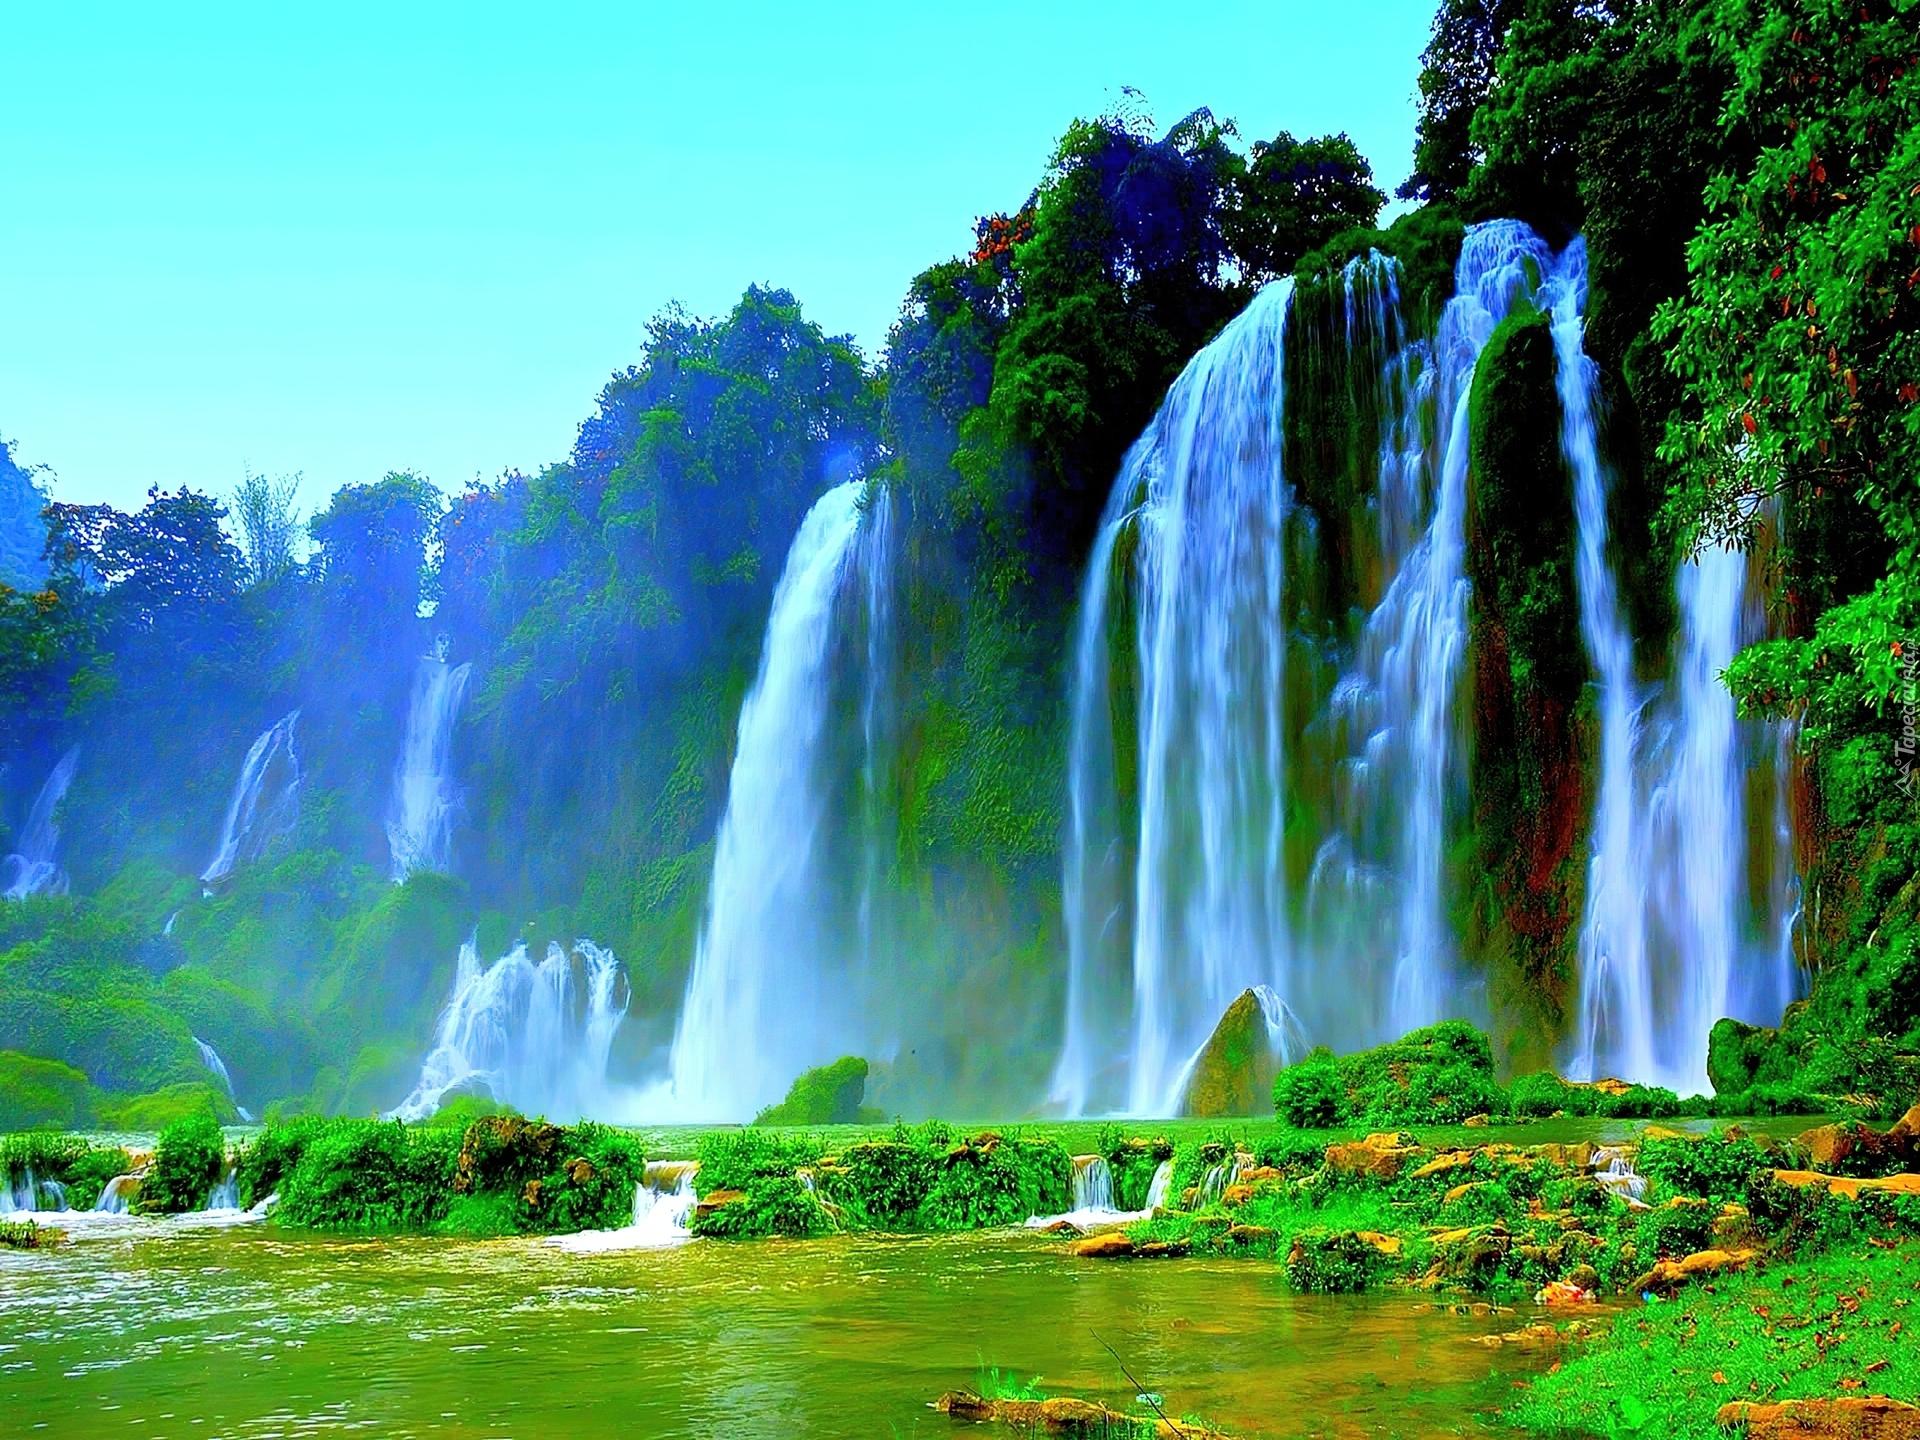 трепетом красоты рая картинки улучшится